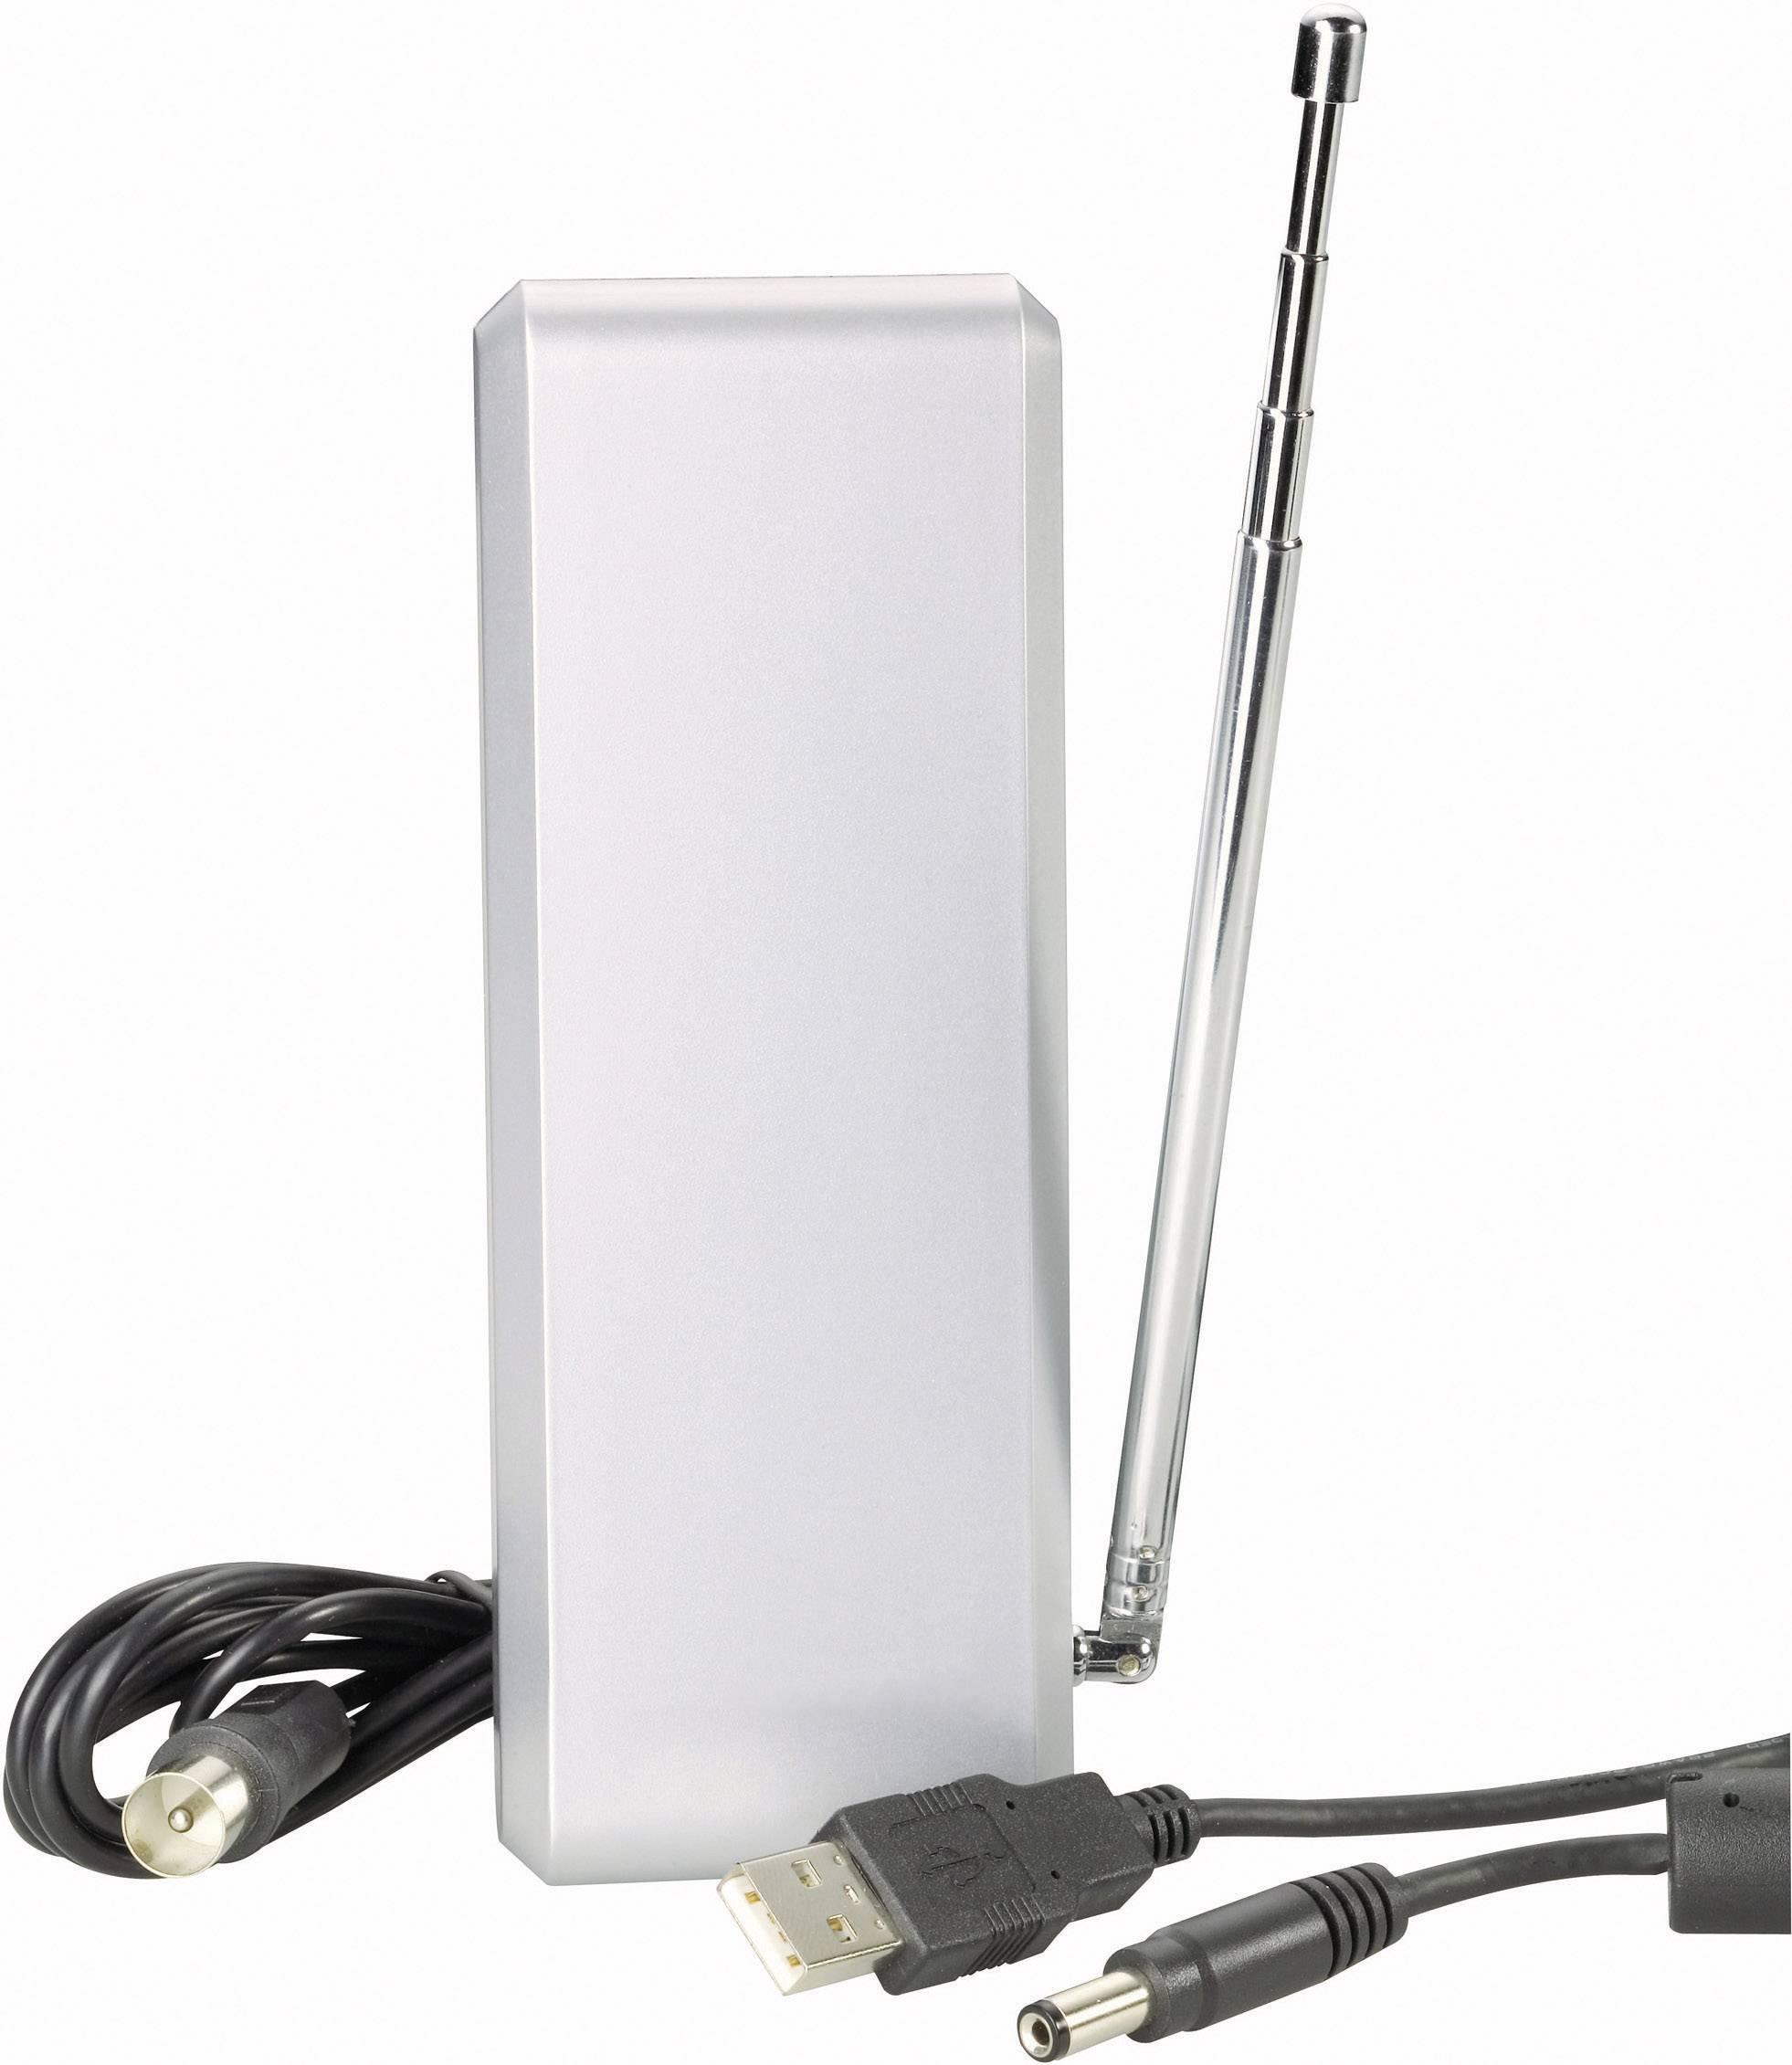 Aktivní vnitřní plochá DVB-T anténa Renkforce DA 7000A, 20 dB